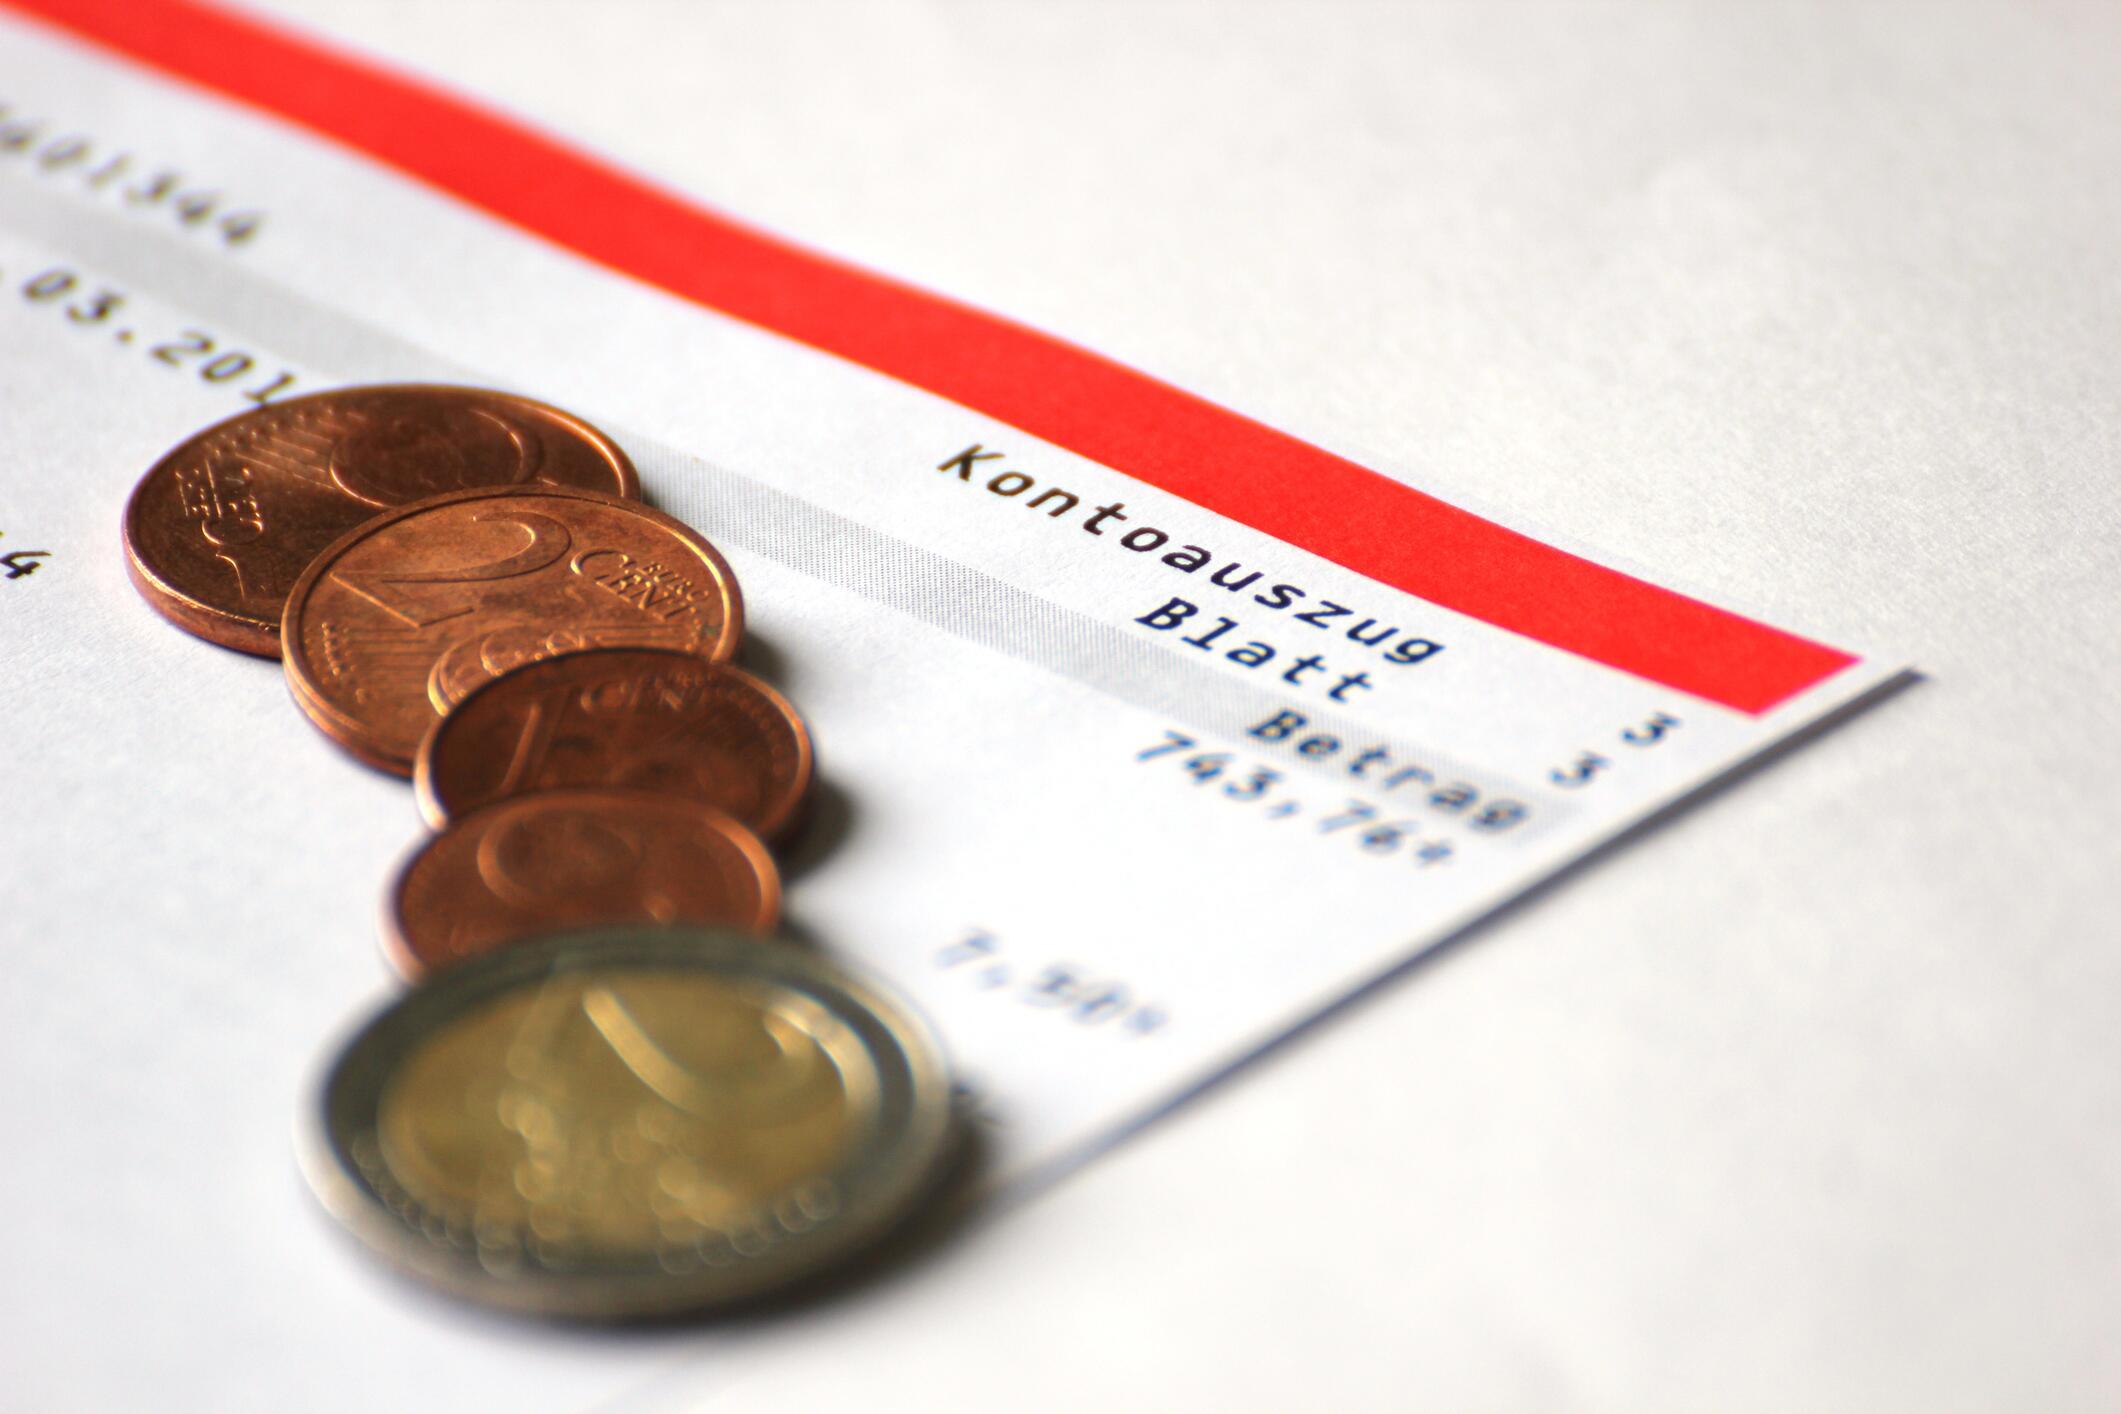 Bild zu Finanzen, Girokonto, Banken, Zinsen, Tagesgeld, Kontoeröffnung, Geld, Euro